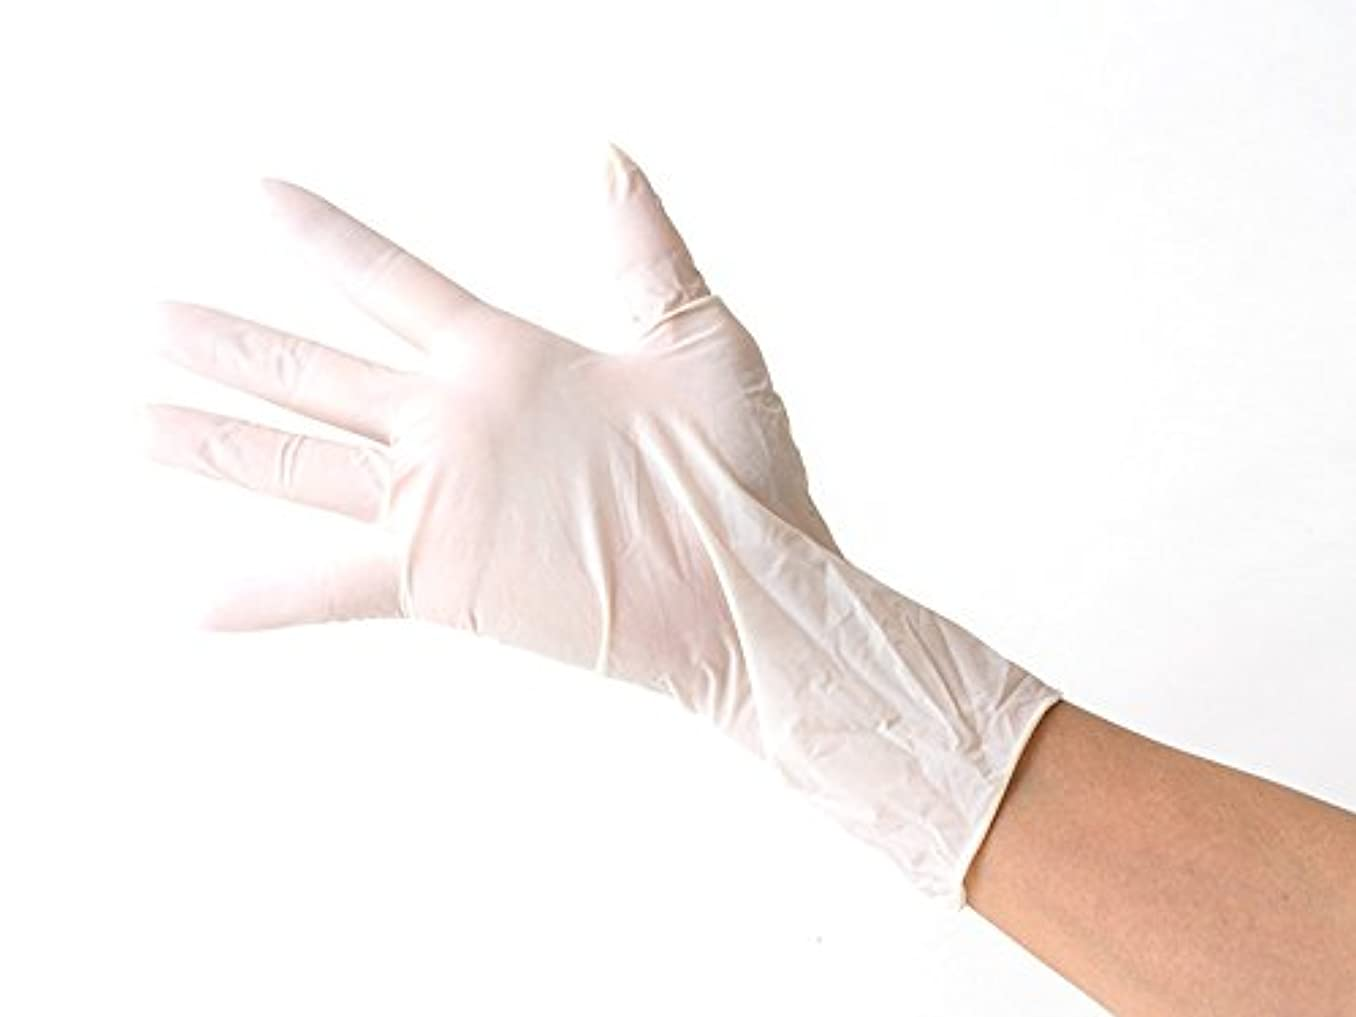 バンジージャンプ高めるベアリングサークルラテックス 使い捨て天然ゴム 極薄手袋 パウダータイプ 100枚入り Sサイズ